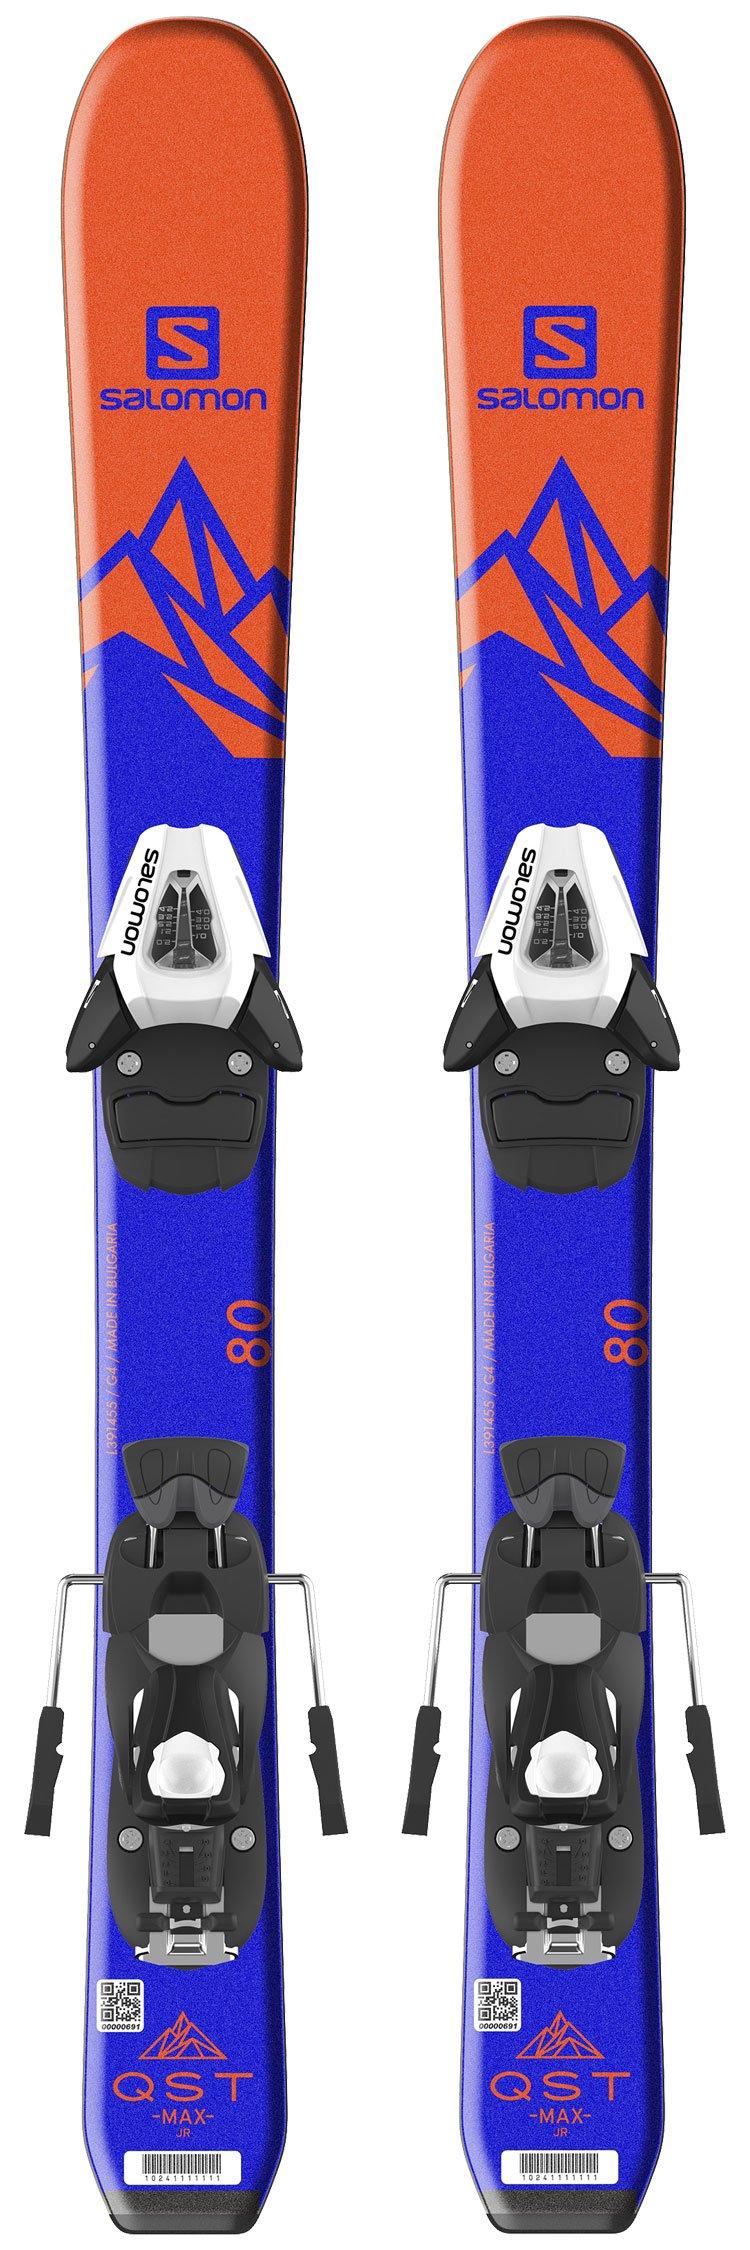 Pack Alpiene Ski Salomon Qst Max Baby + H C5 Black White